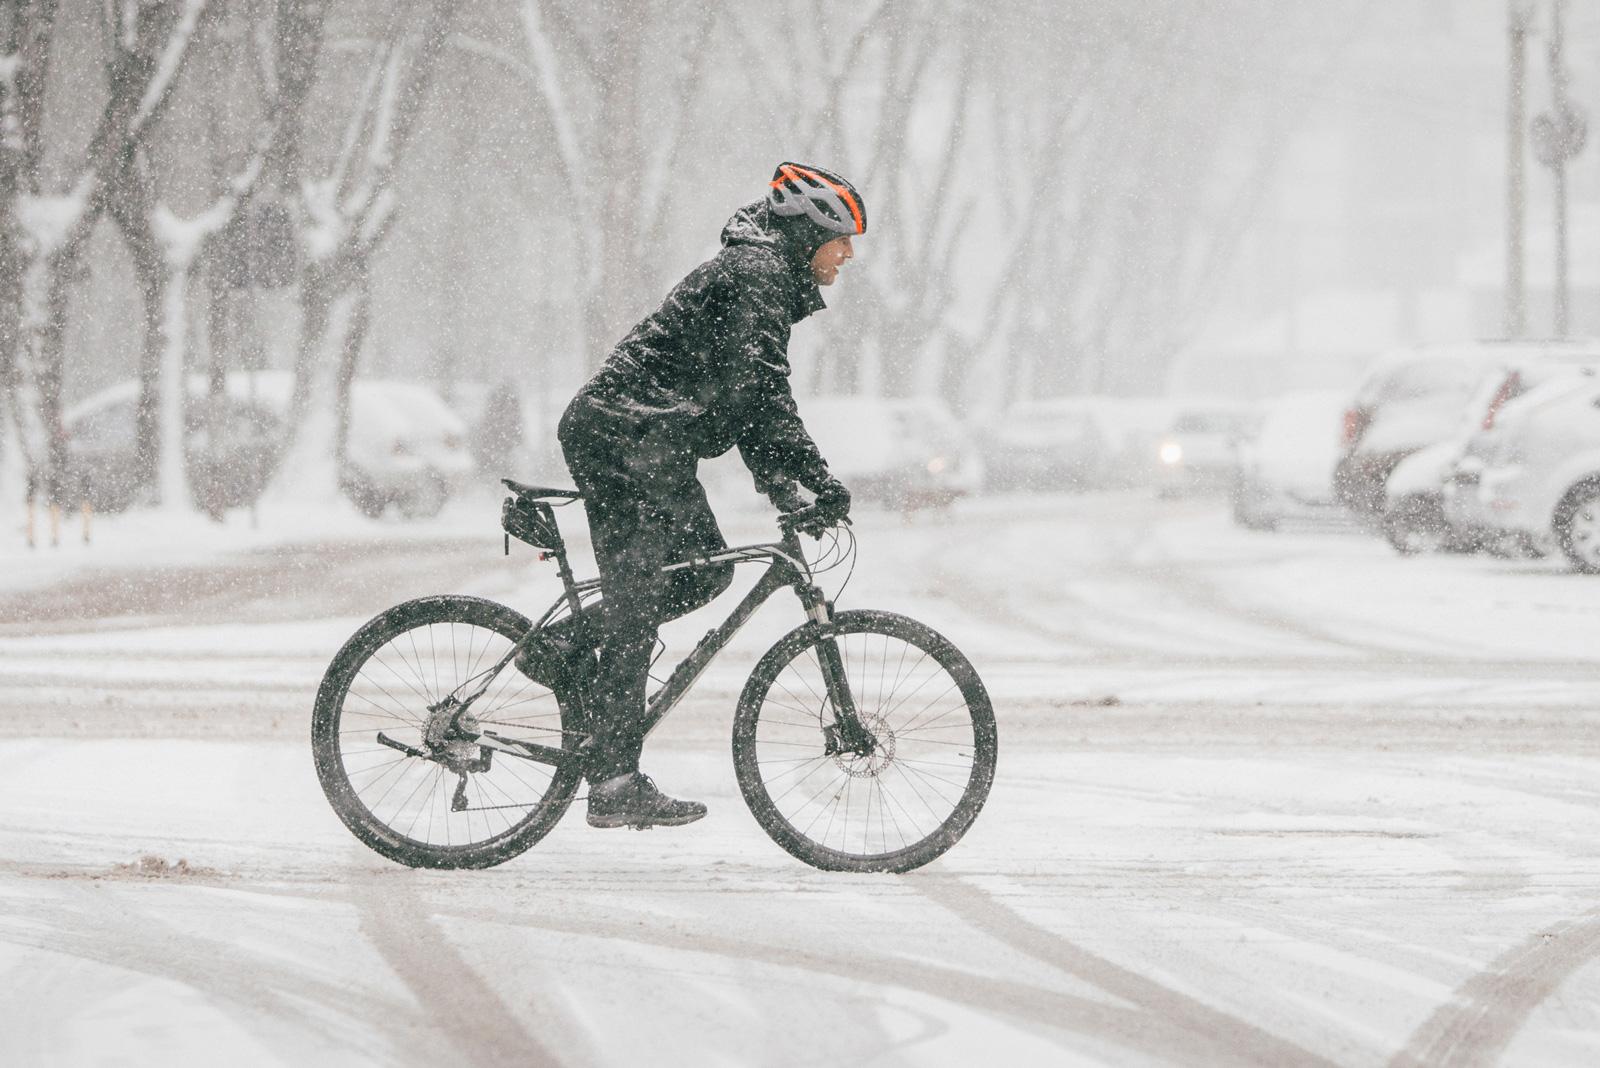 Schlechte Sichtverhältnisse: Im Winter solltest du besonders vorsichtig fahren.